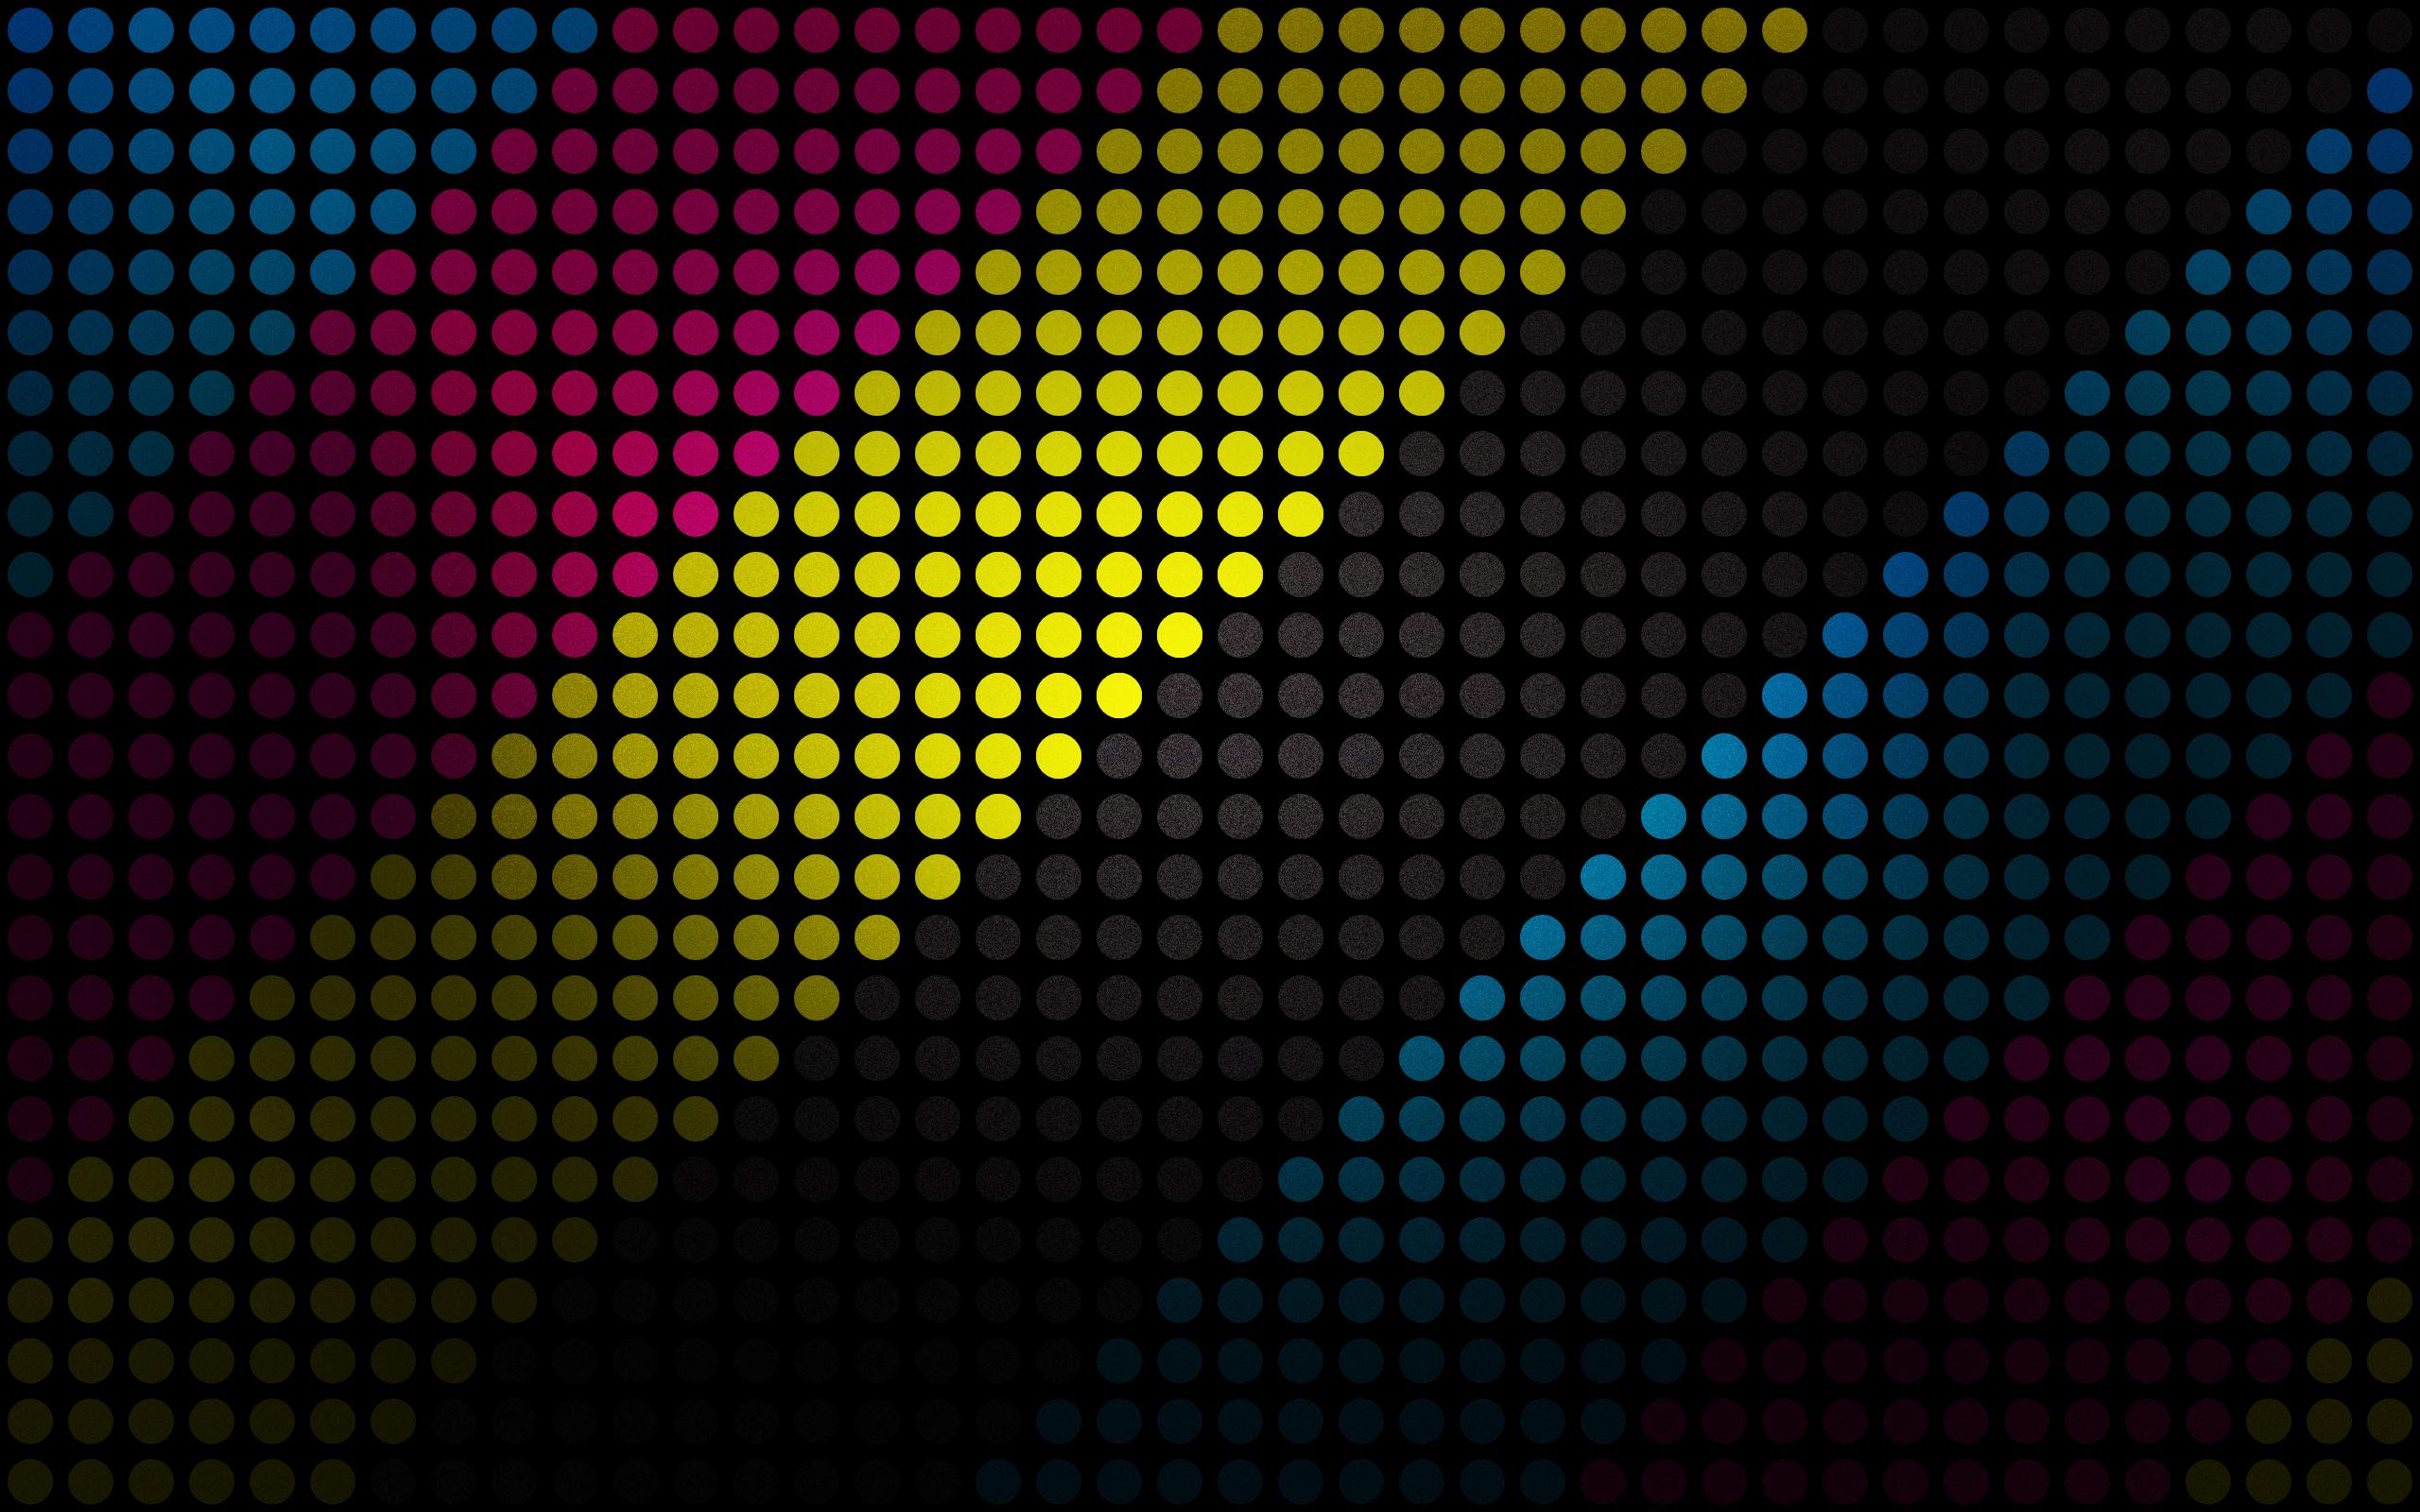 Dots Of Color HD Wallpaper